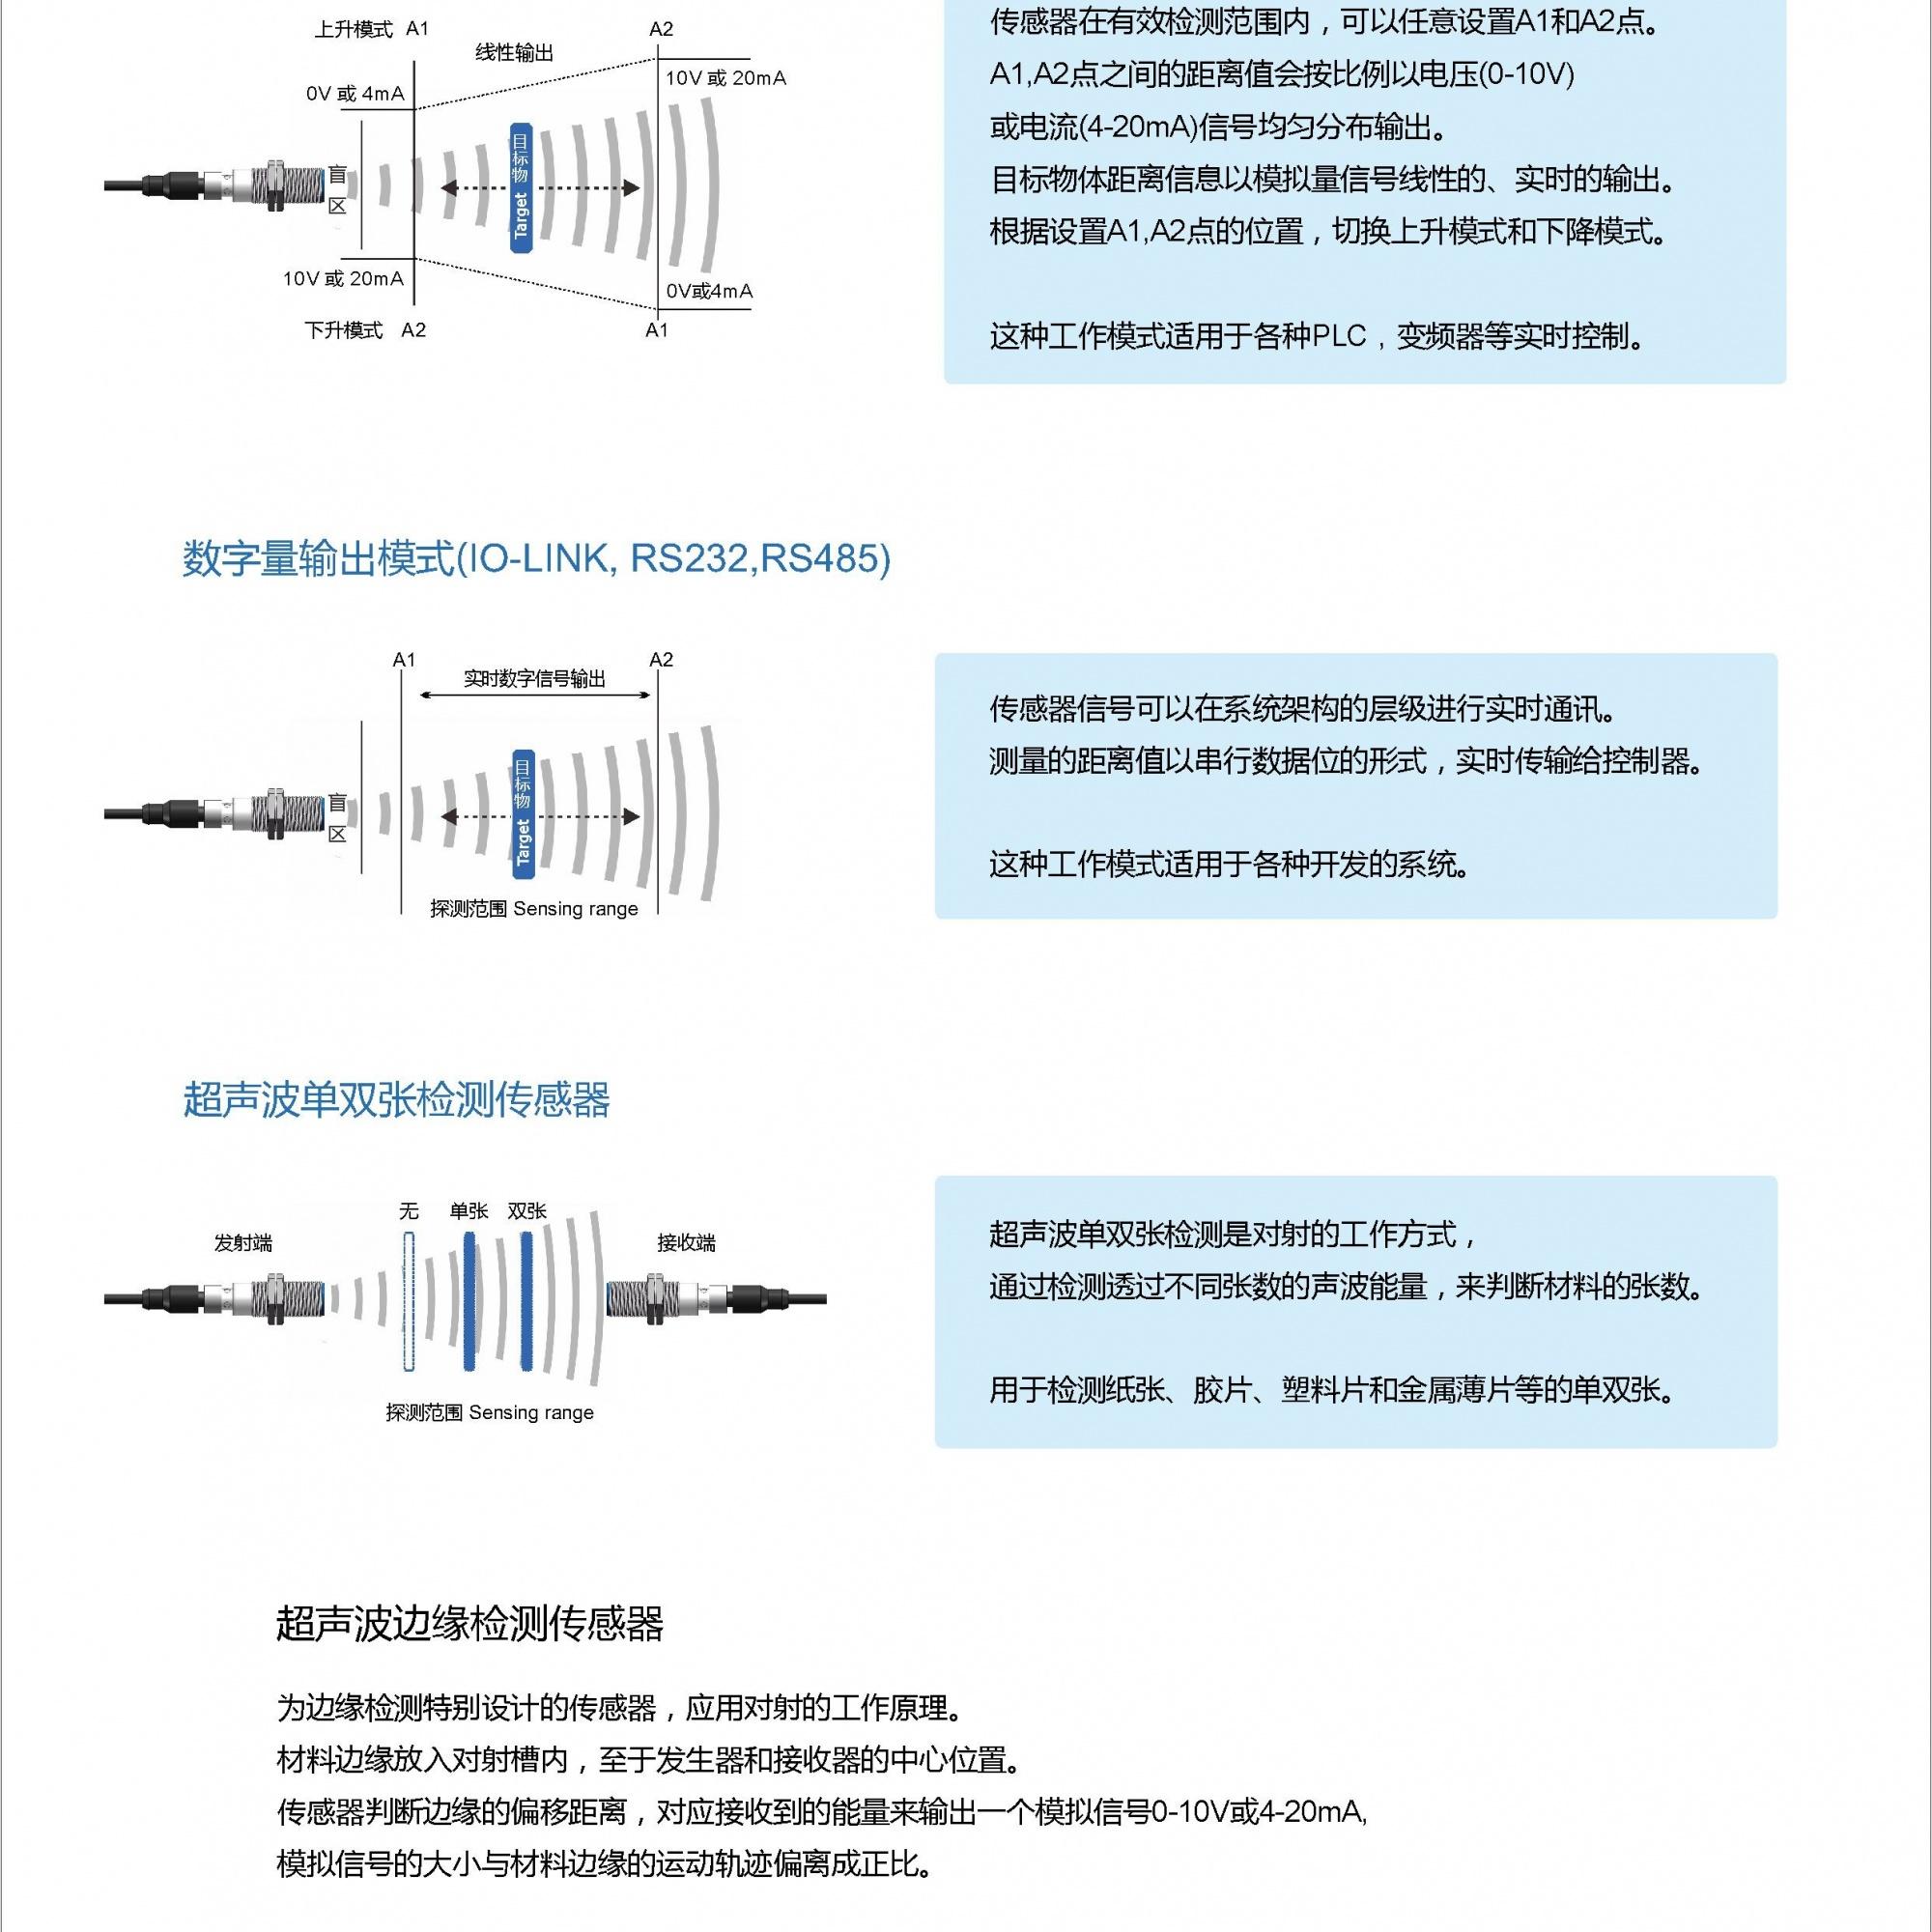 超聲波傳感器 常用輸(shu)出及ao)J /> </a></div><div class=